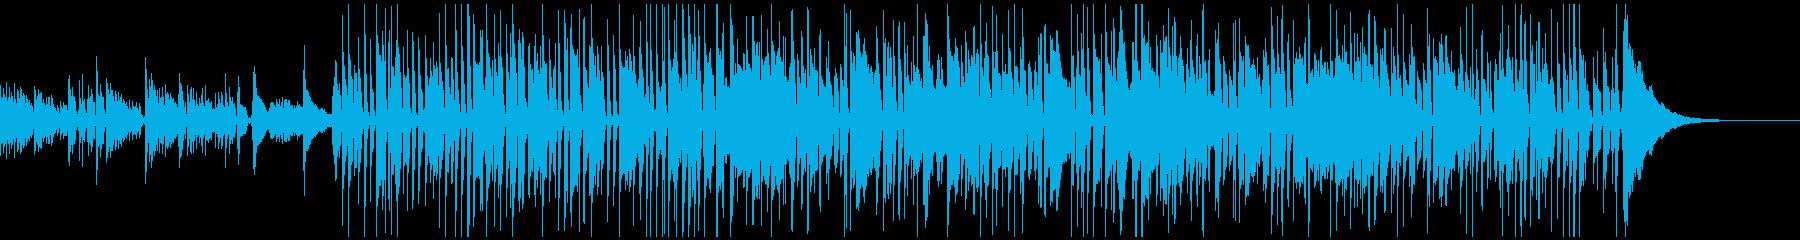 クリスマスの定番をソロギターでの再生済みの波形